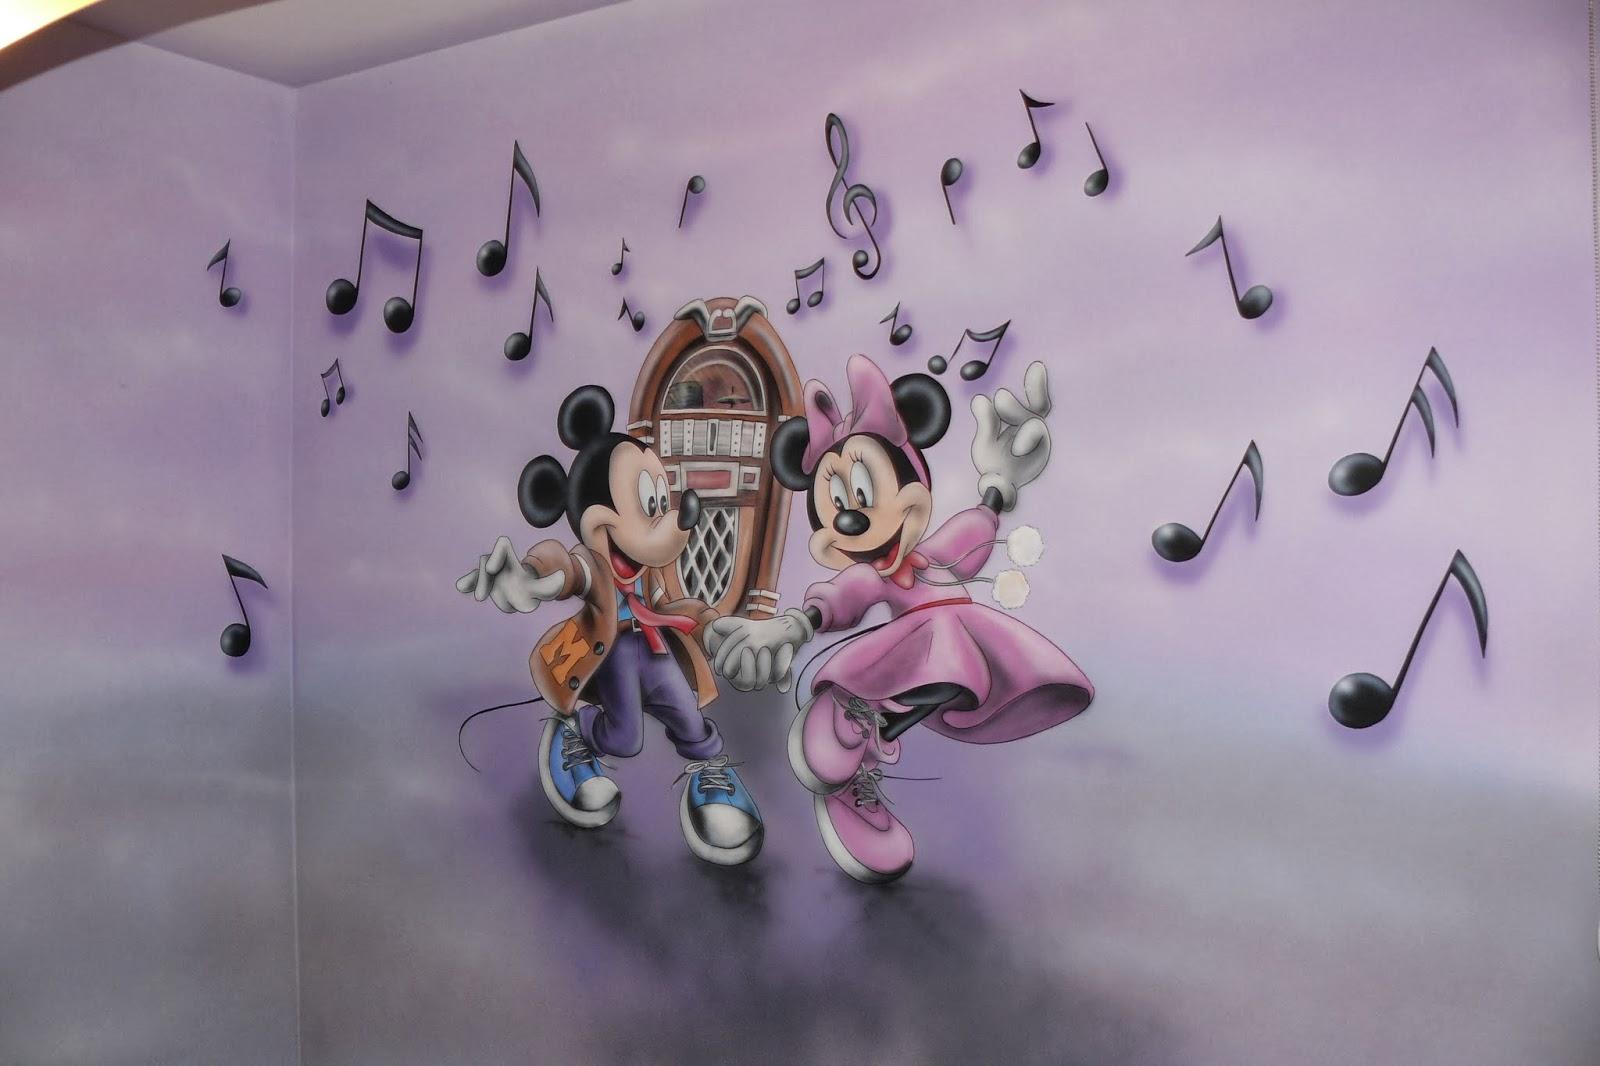 Artystyczne malowanie ściany w pokoju dziewczynki, aranżacja ściany u dziecka, warszawa